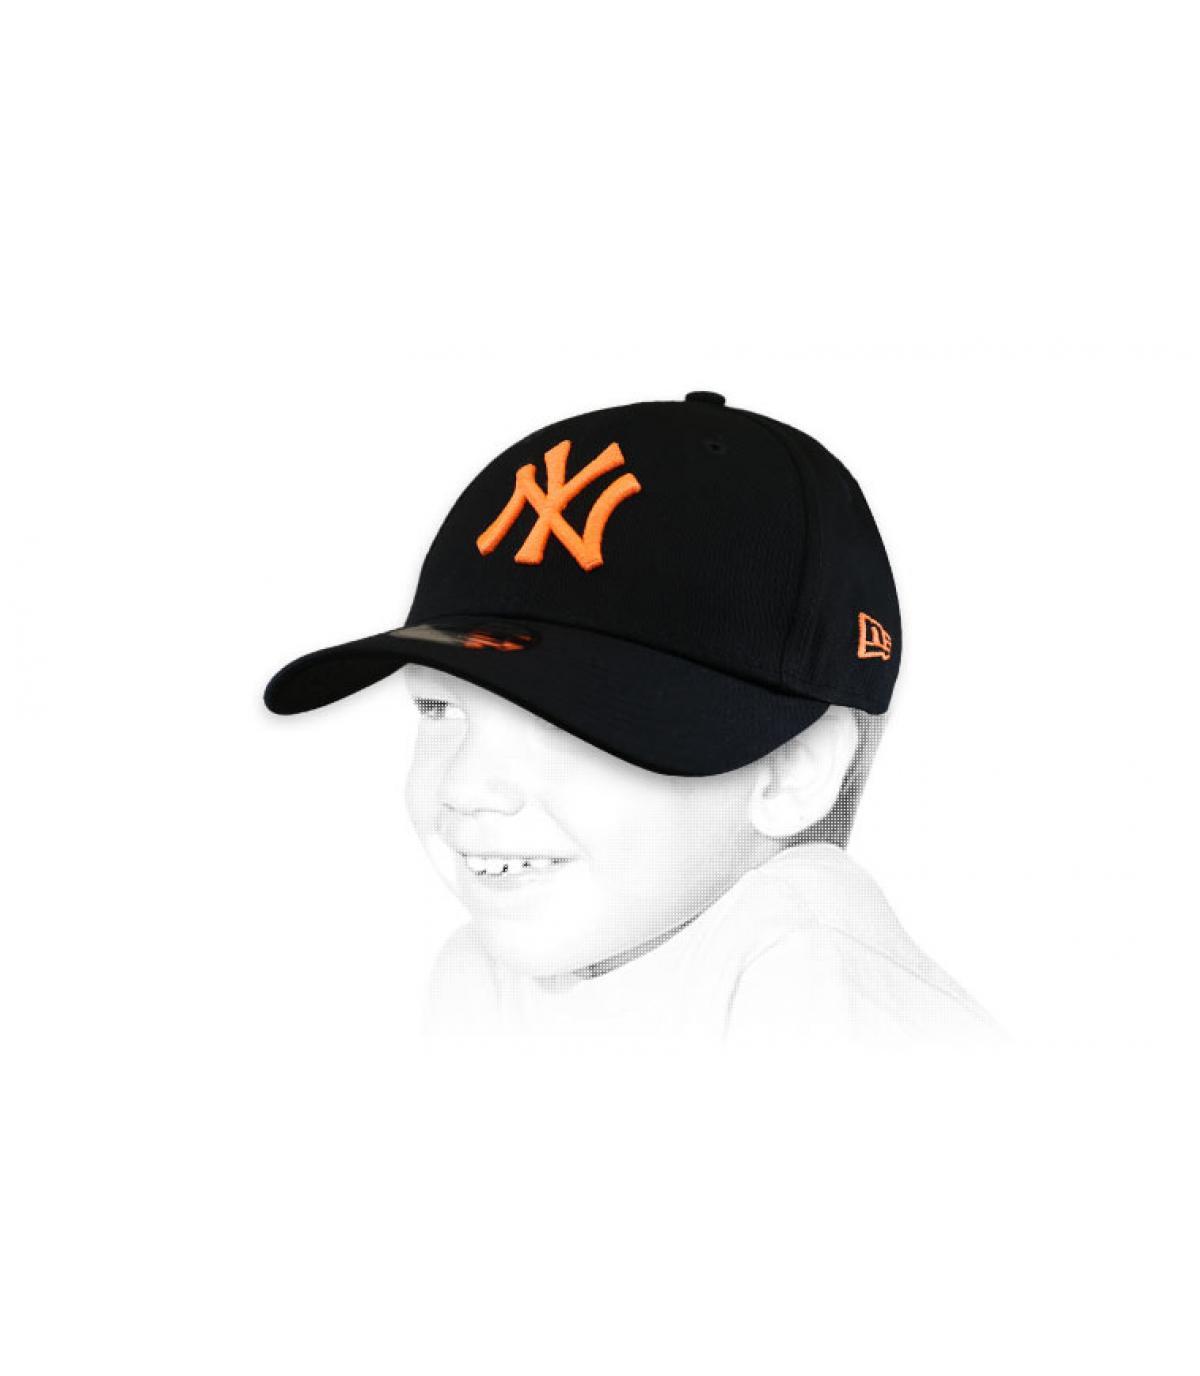 Cappellino da bambino nero arancione NY